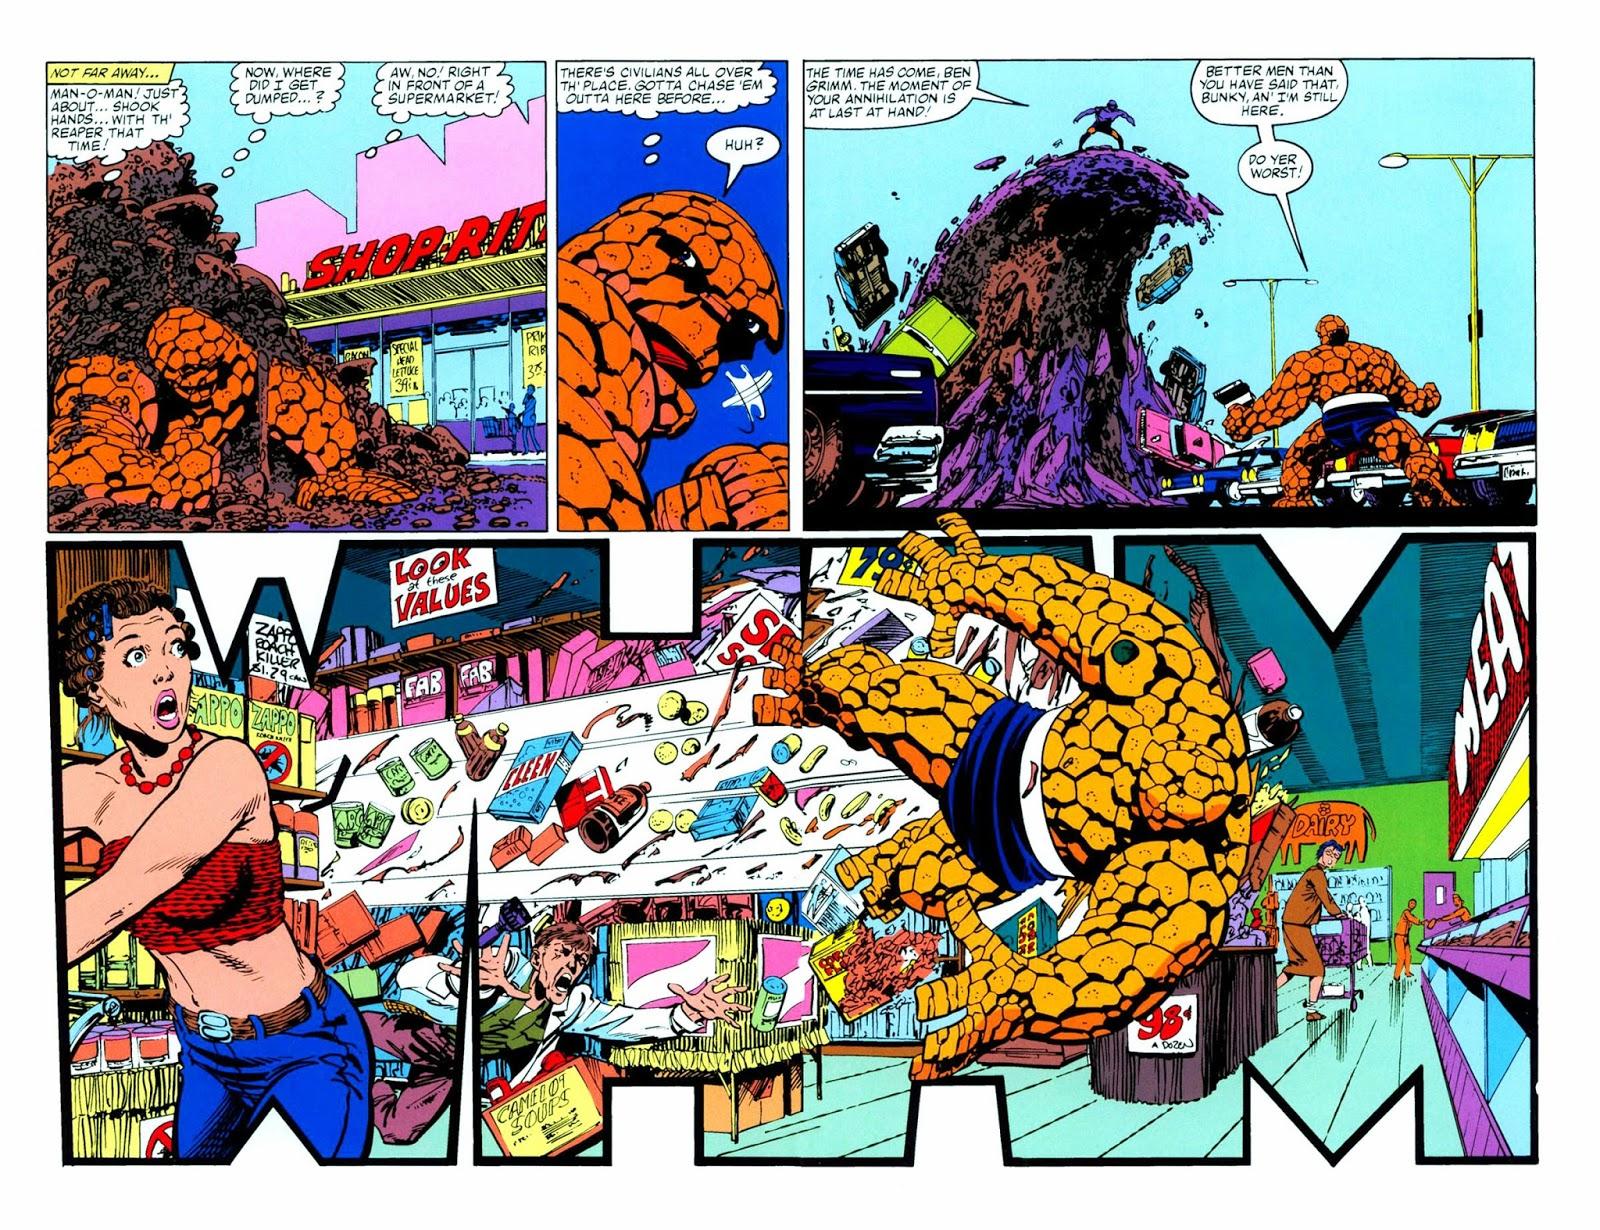 Fantastic Four Visionaries John Byrne vol 4 review